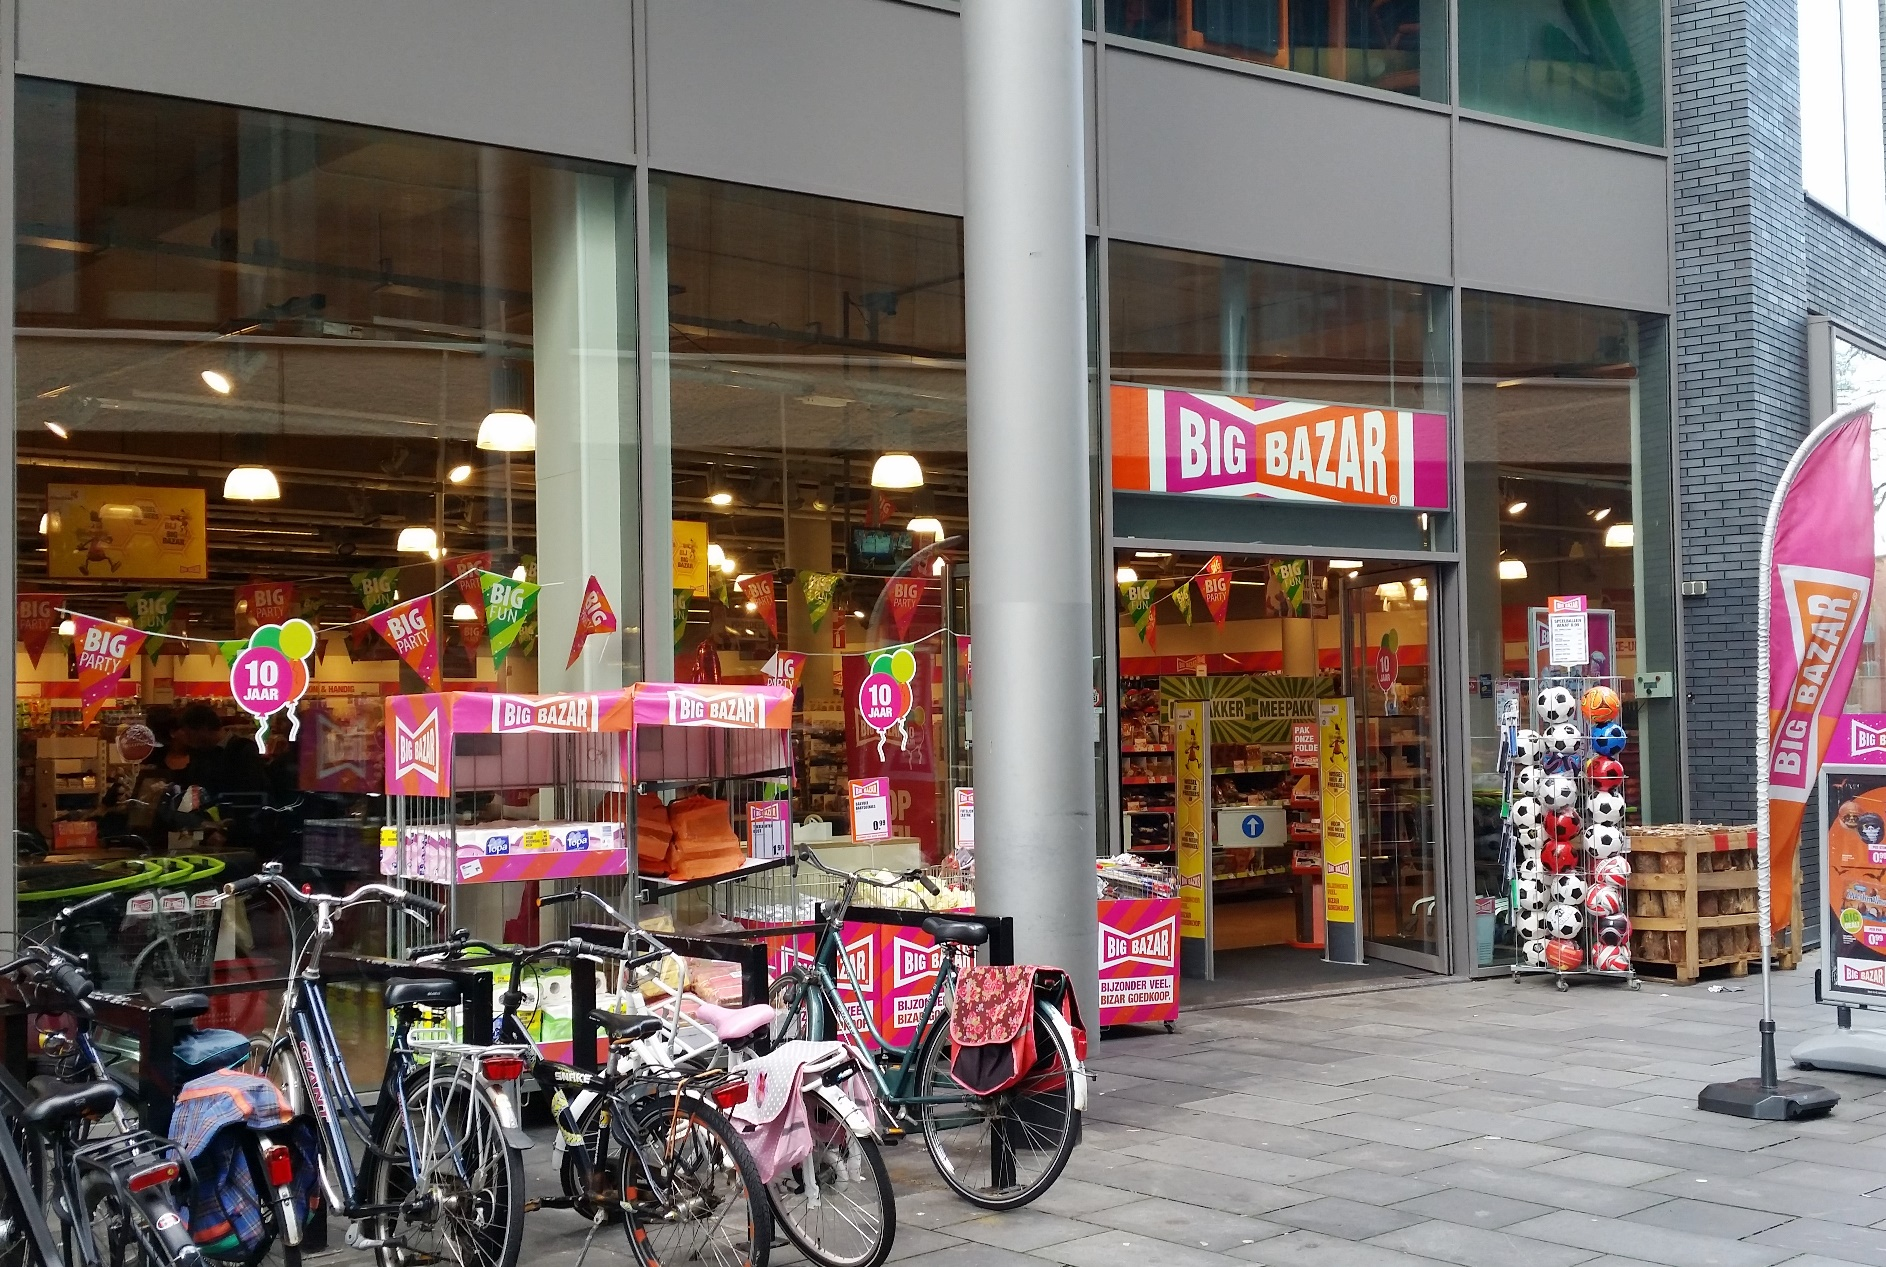 5x duurzaam winkelen bij big bazar awkward duckling for Kartonnen koffiebekers hema